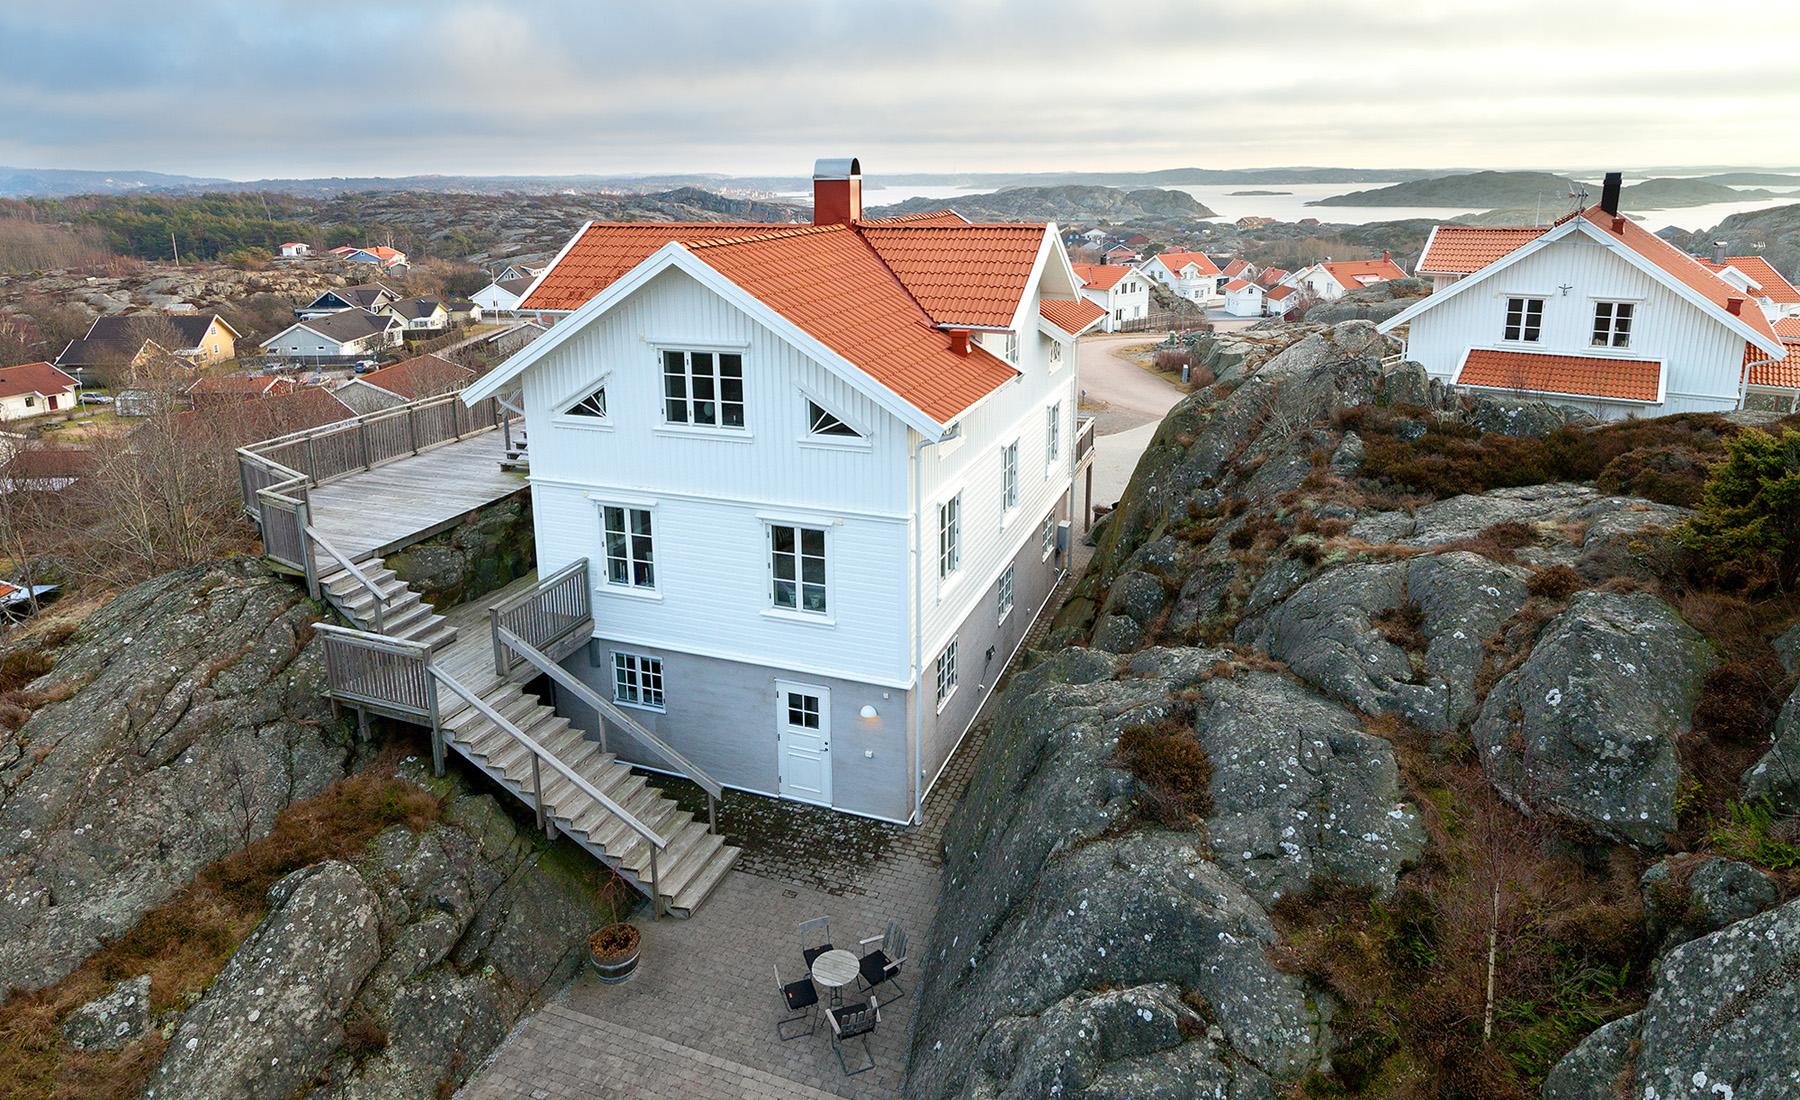 Single Family Home for Sale at Halleviksstrand Kuttervagen Other Vastra Gotaland, Vastra Gotaland, 47495 Sweden